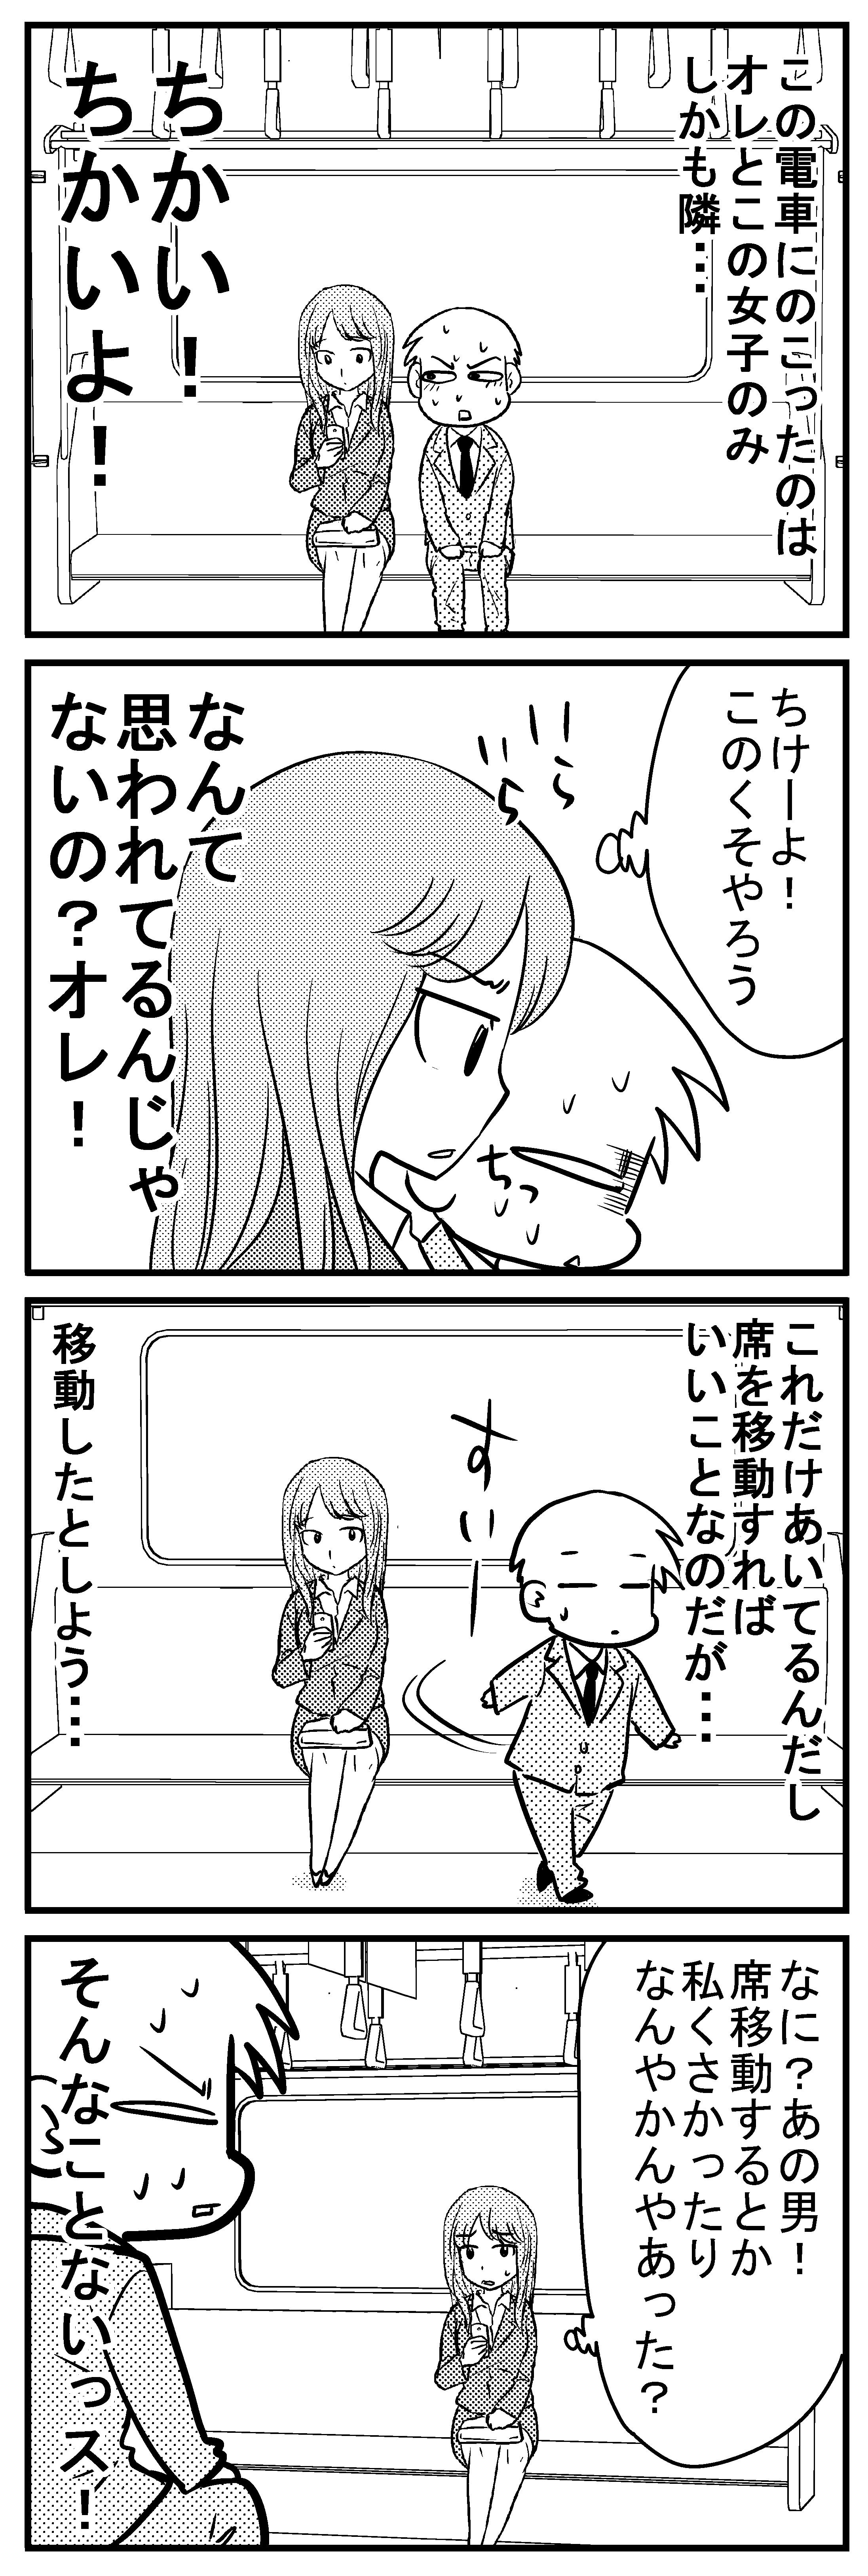 深読みくん49-2 (1)